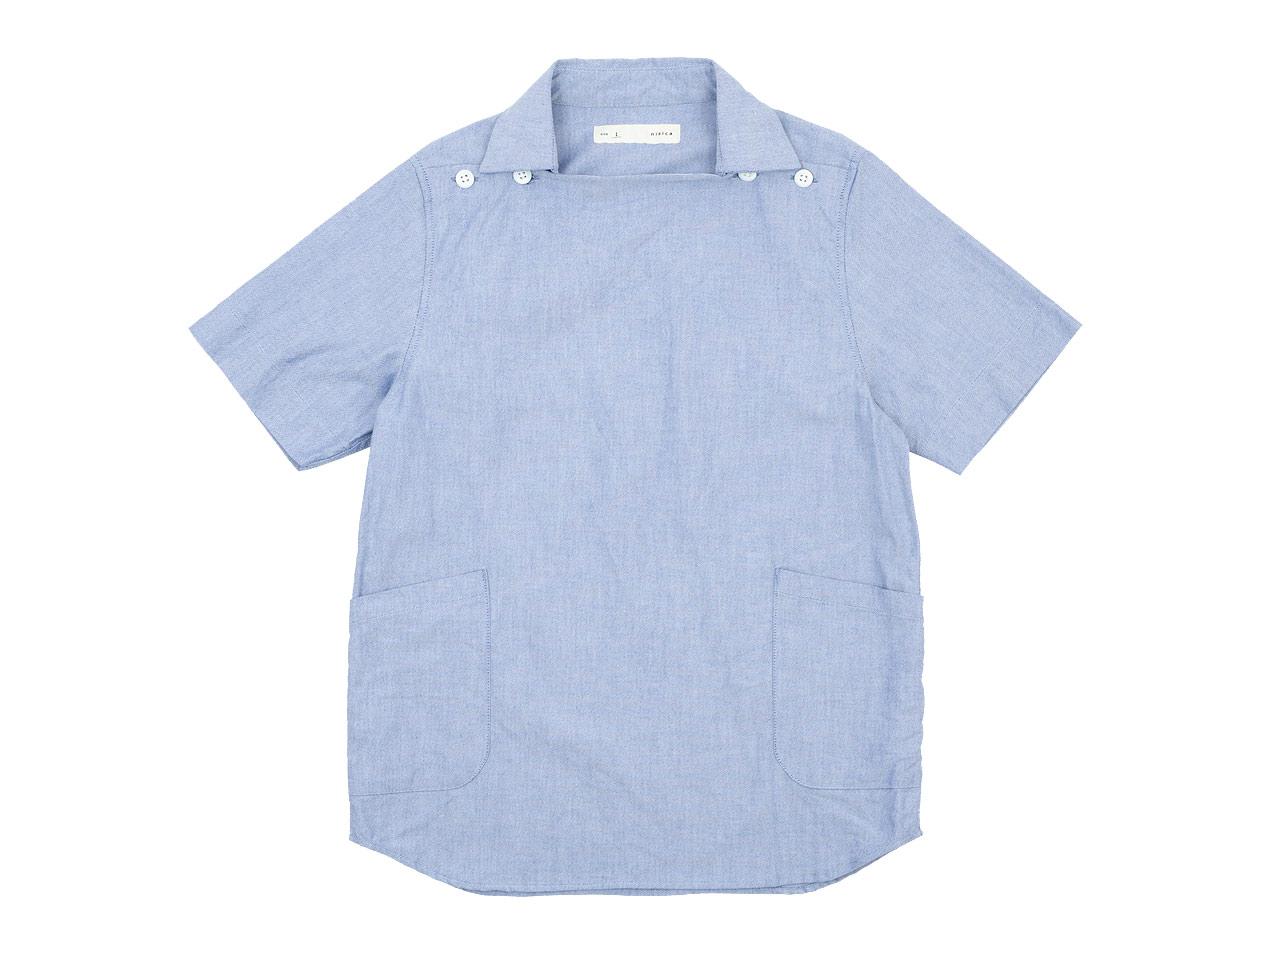 nisica 半袖デッキマンシャツ オックス